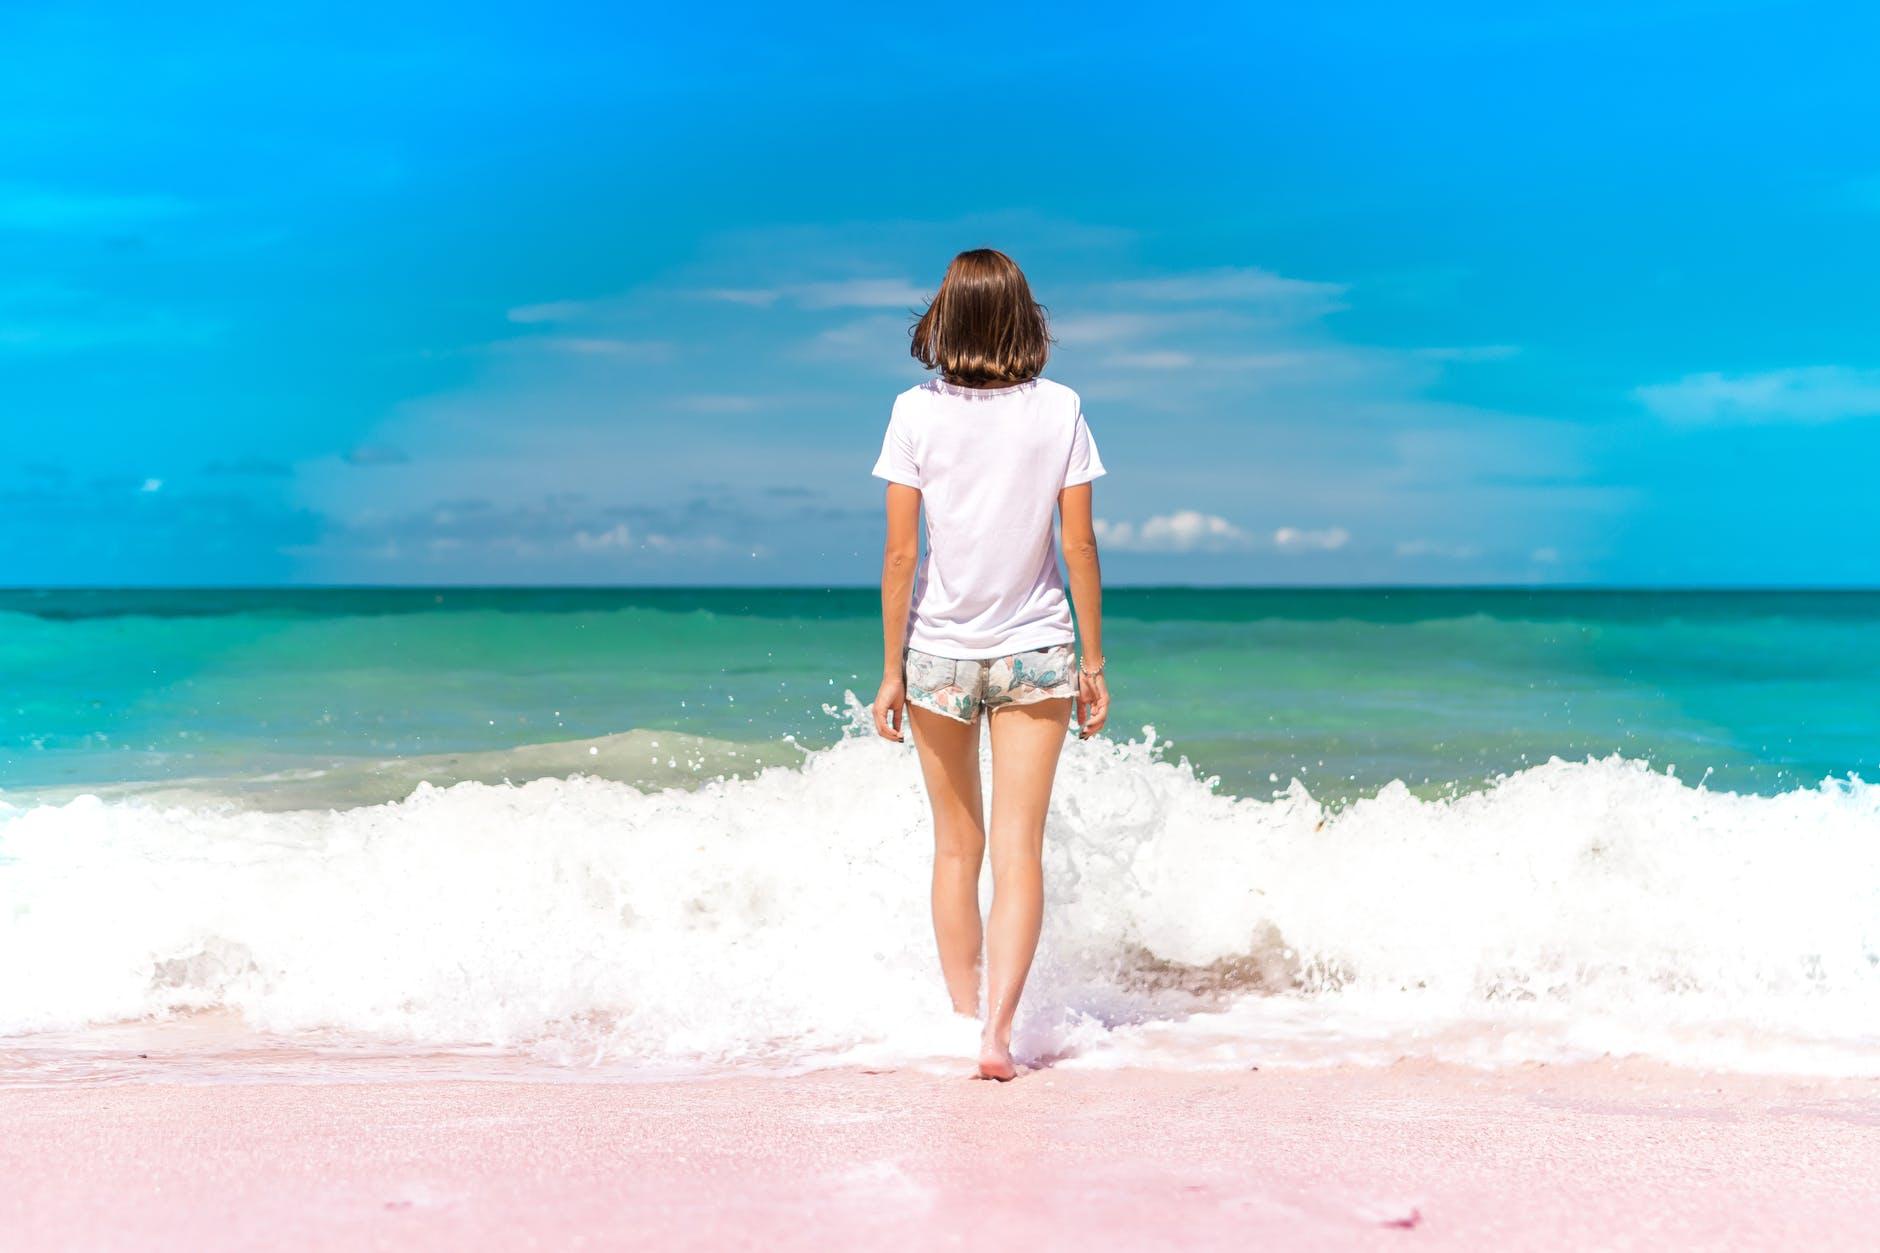 ビーチに立つ外国人女性の後ろ姿